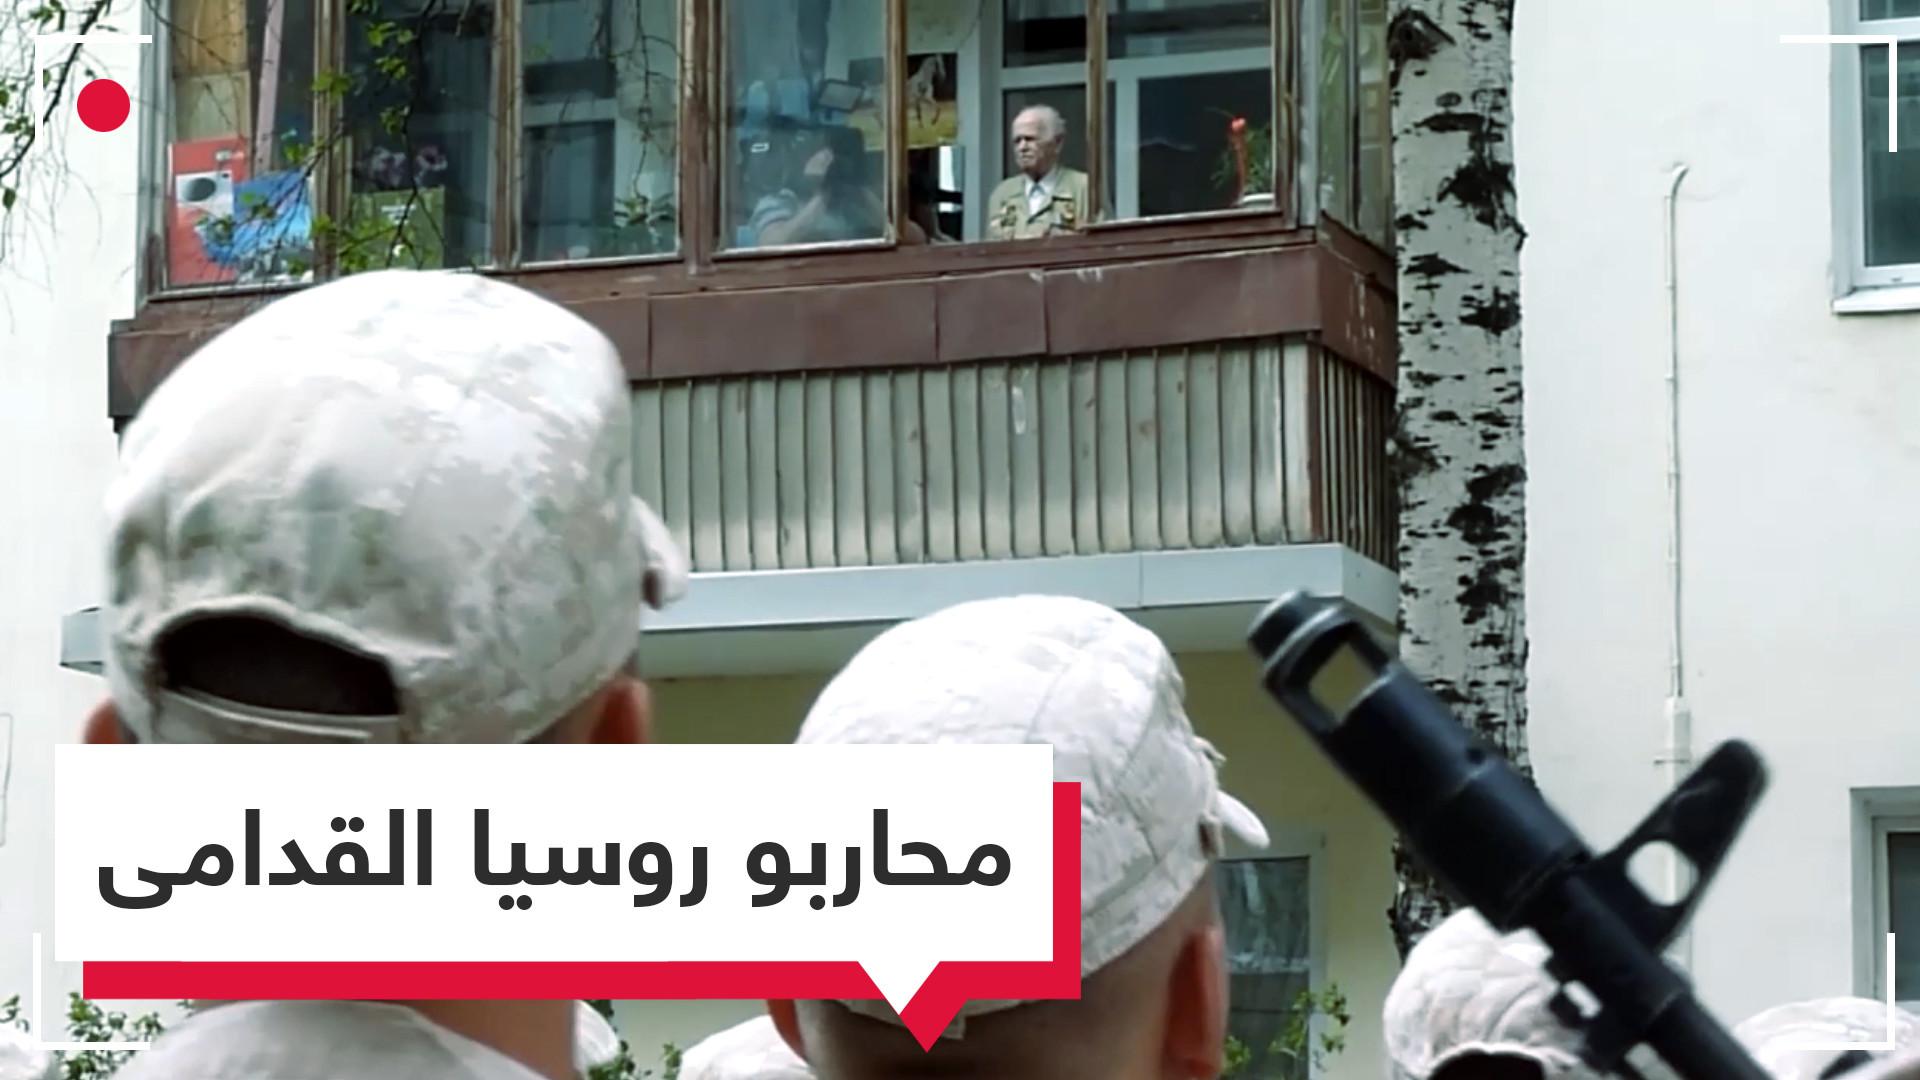 عرض عسكري استثنائي.. تكريم المحاربين القدامى في مدينة سامارا الروسية